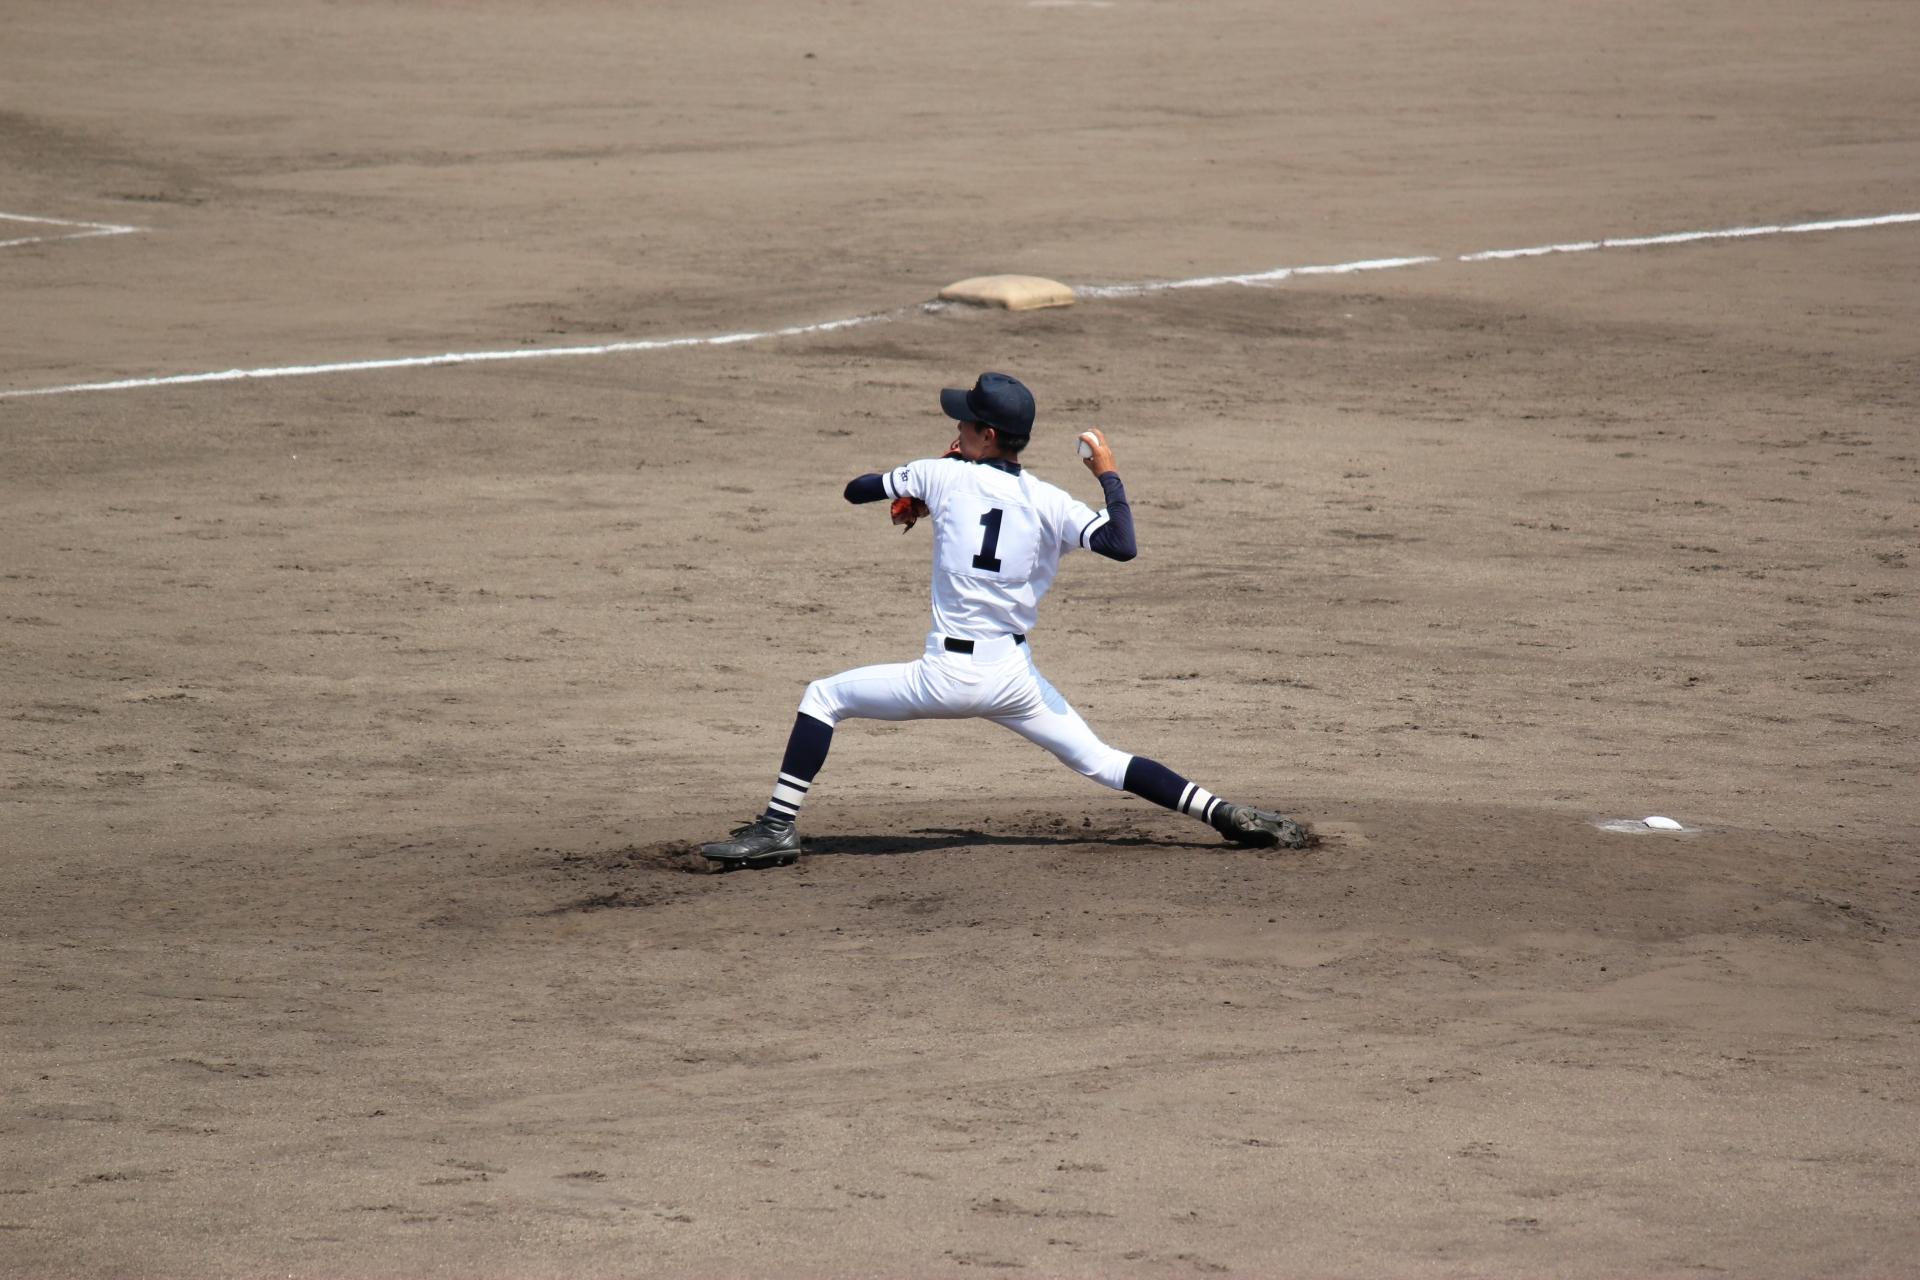 【フォーム固め・自主練に】ジャイロスティックは子どものピッチング練習に最適!